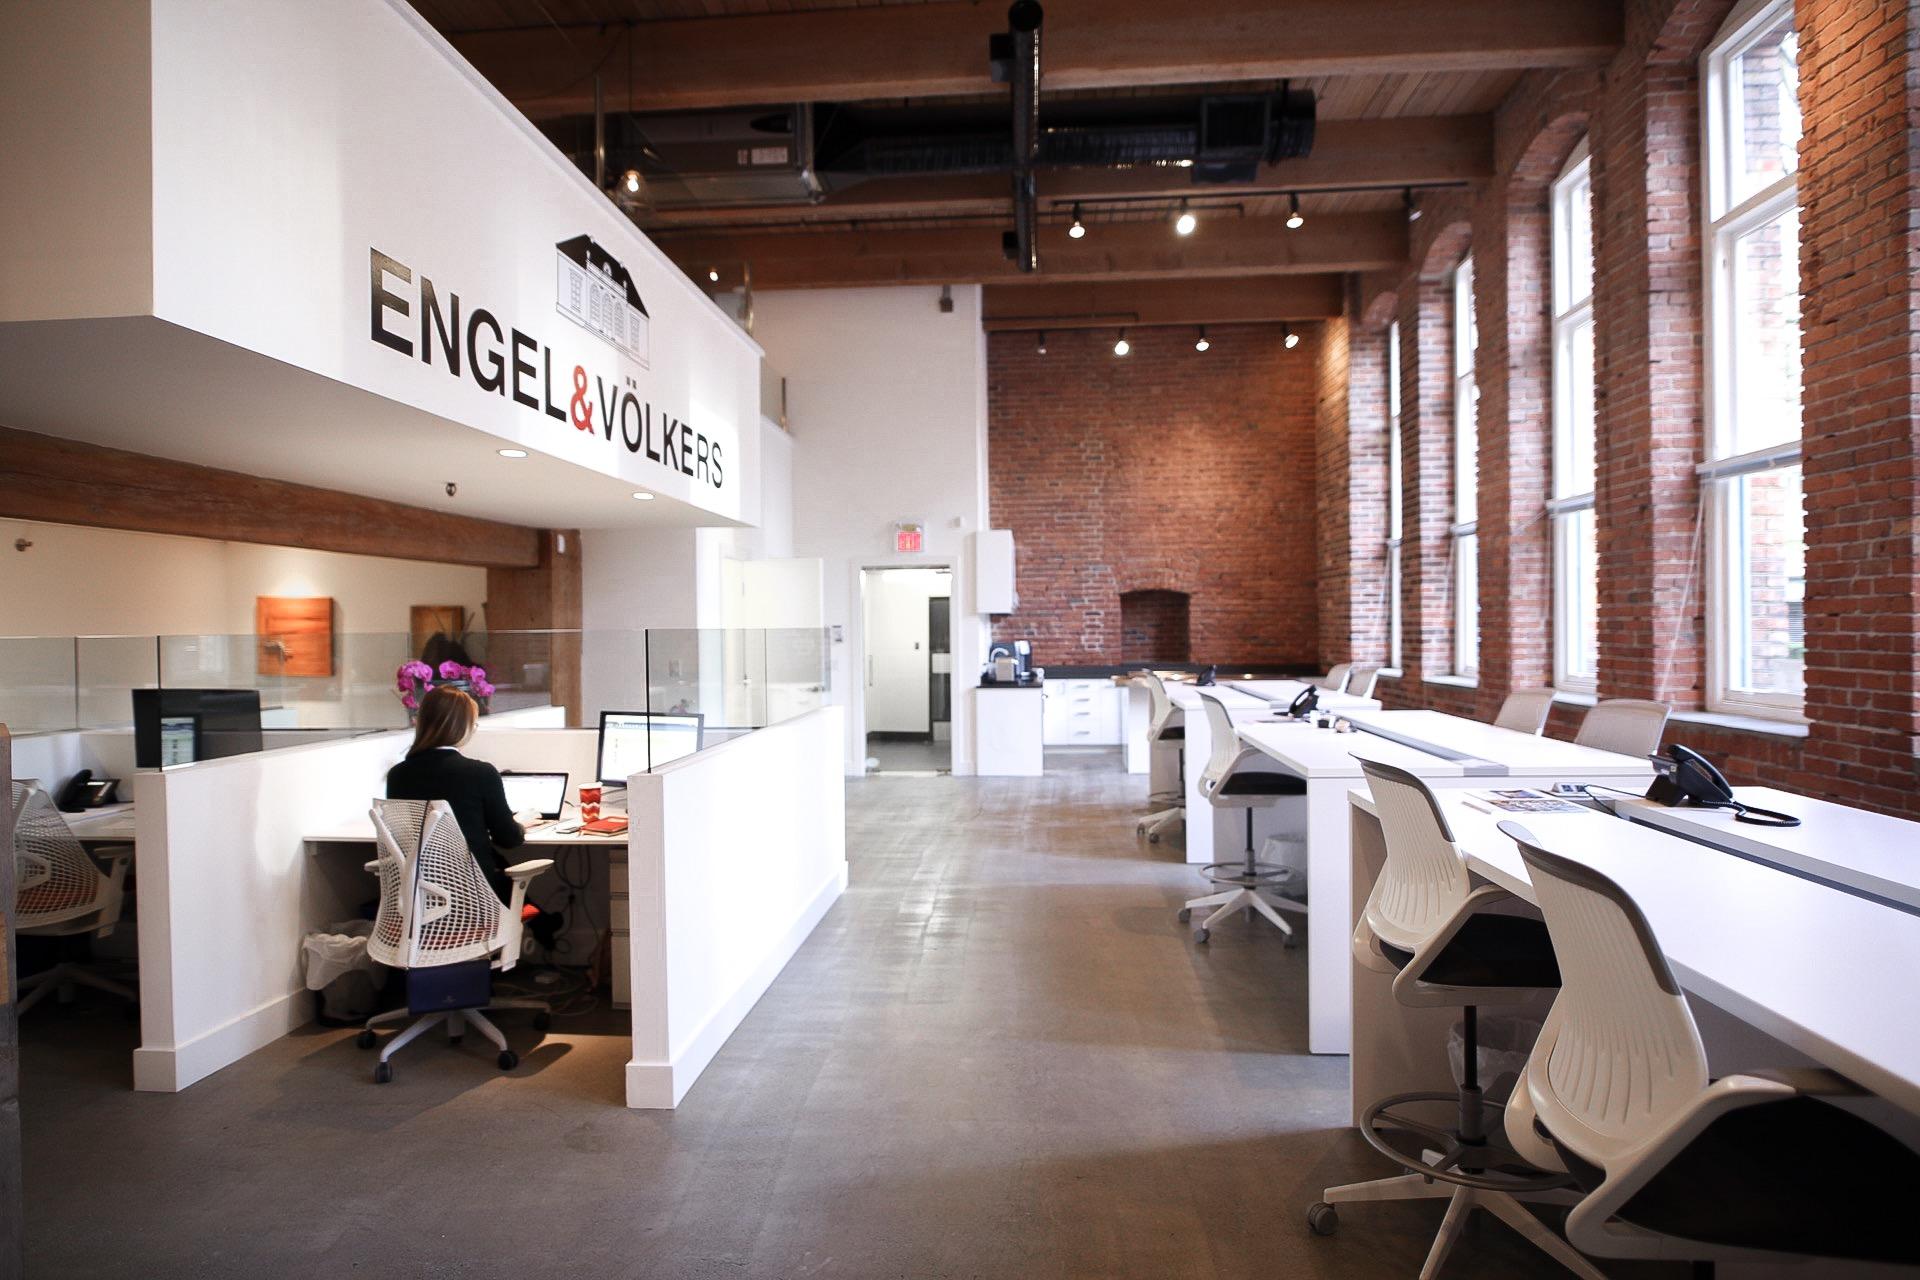 engel & völkers - digital media + video